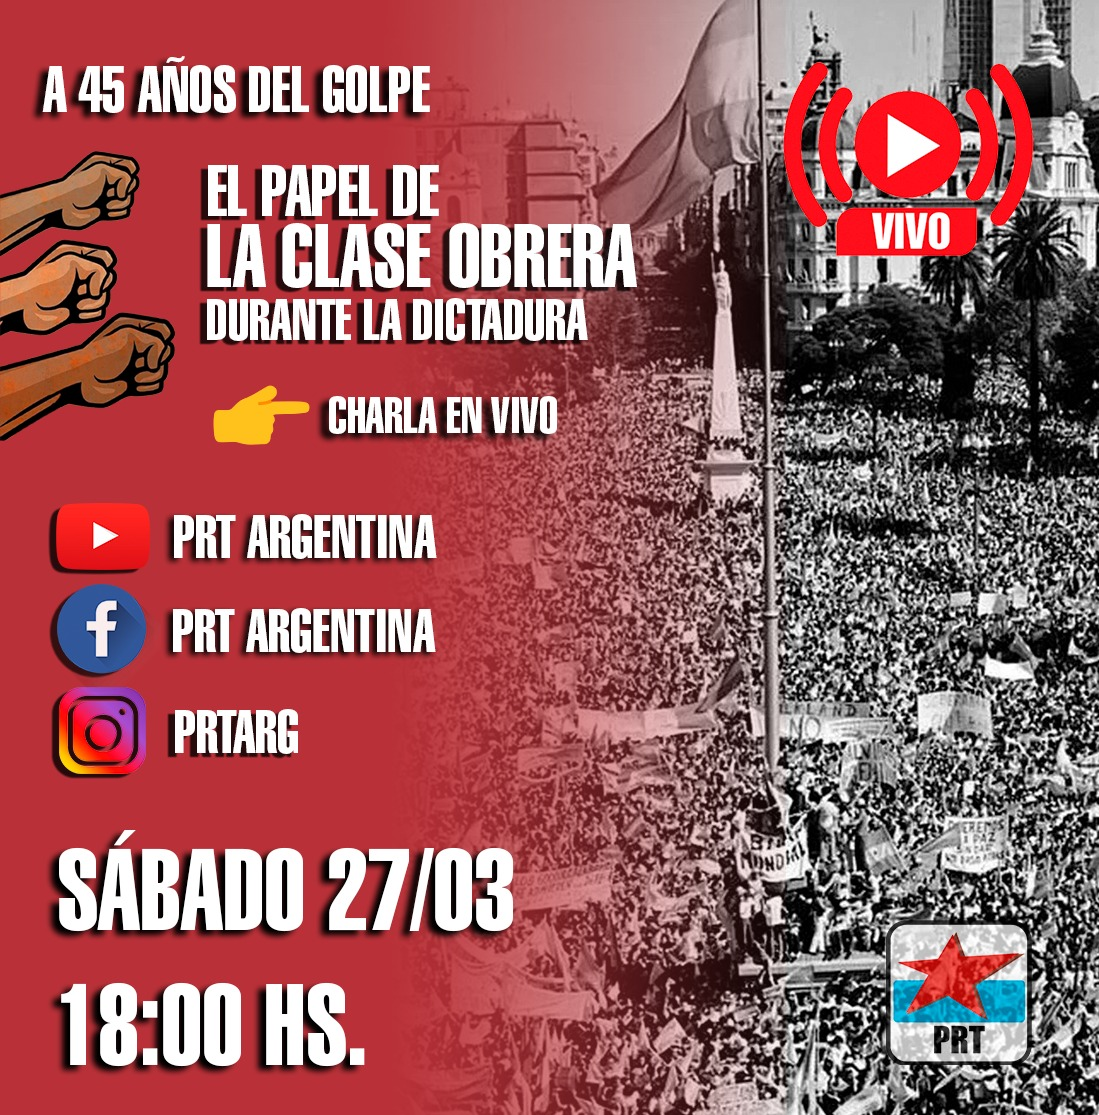 VIVO Sábado 27/03: «El papel de la clase obrera durante la dictadura»